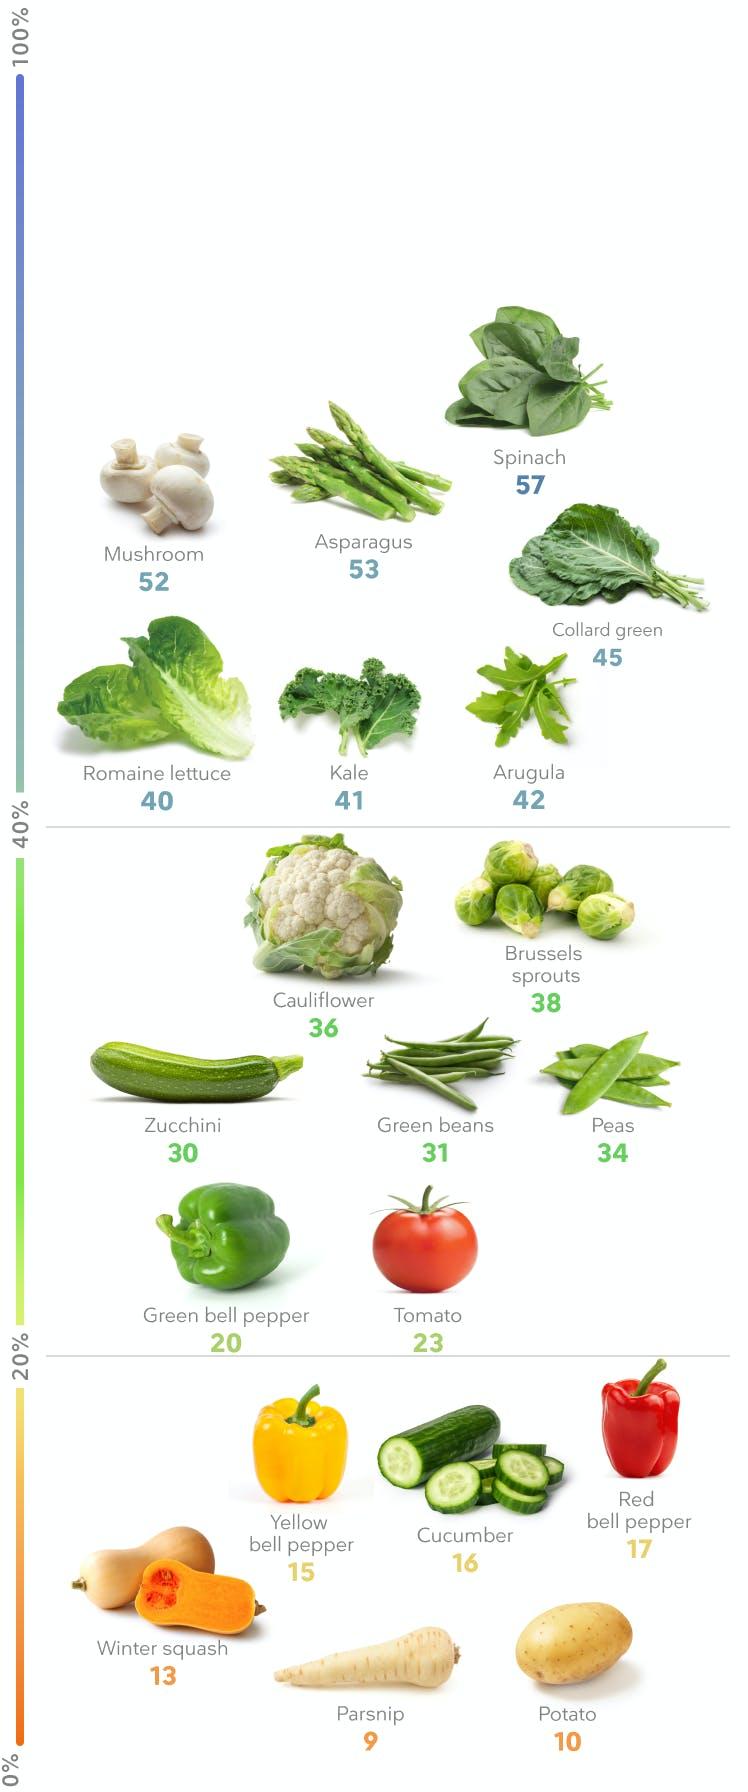 Vegetables_mobile__